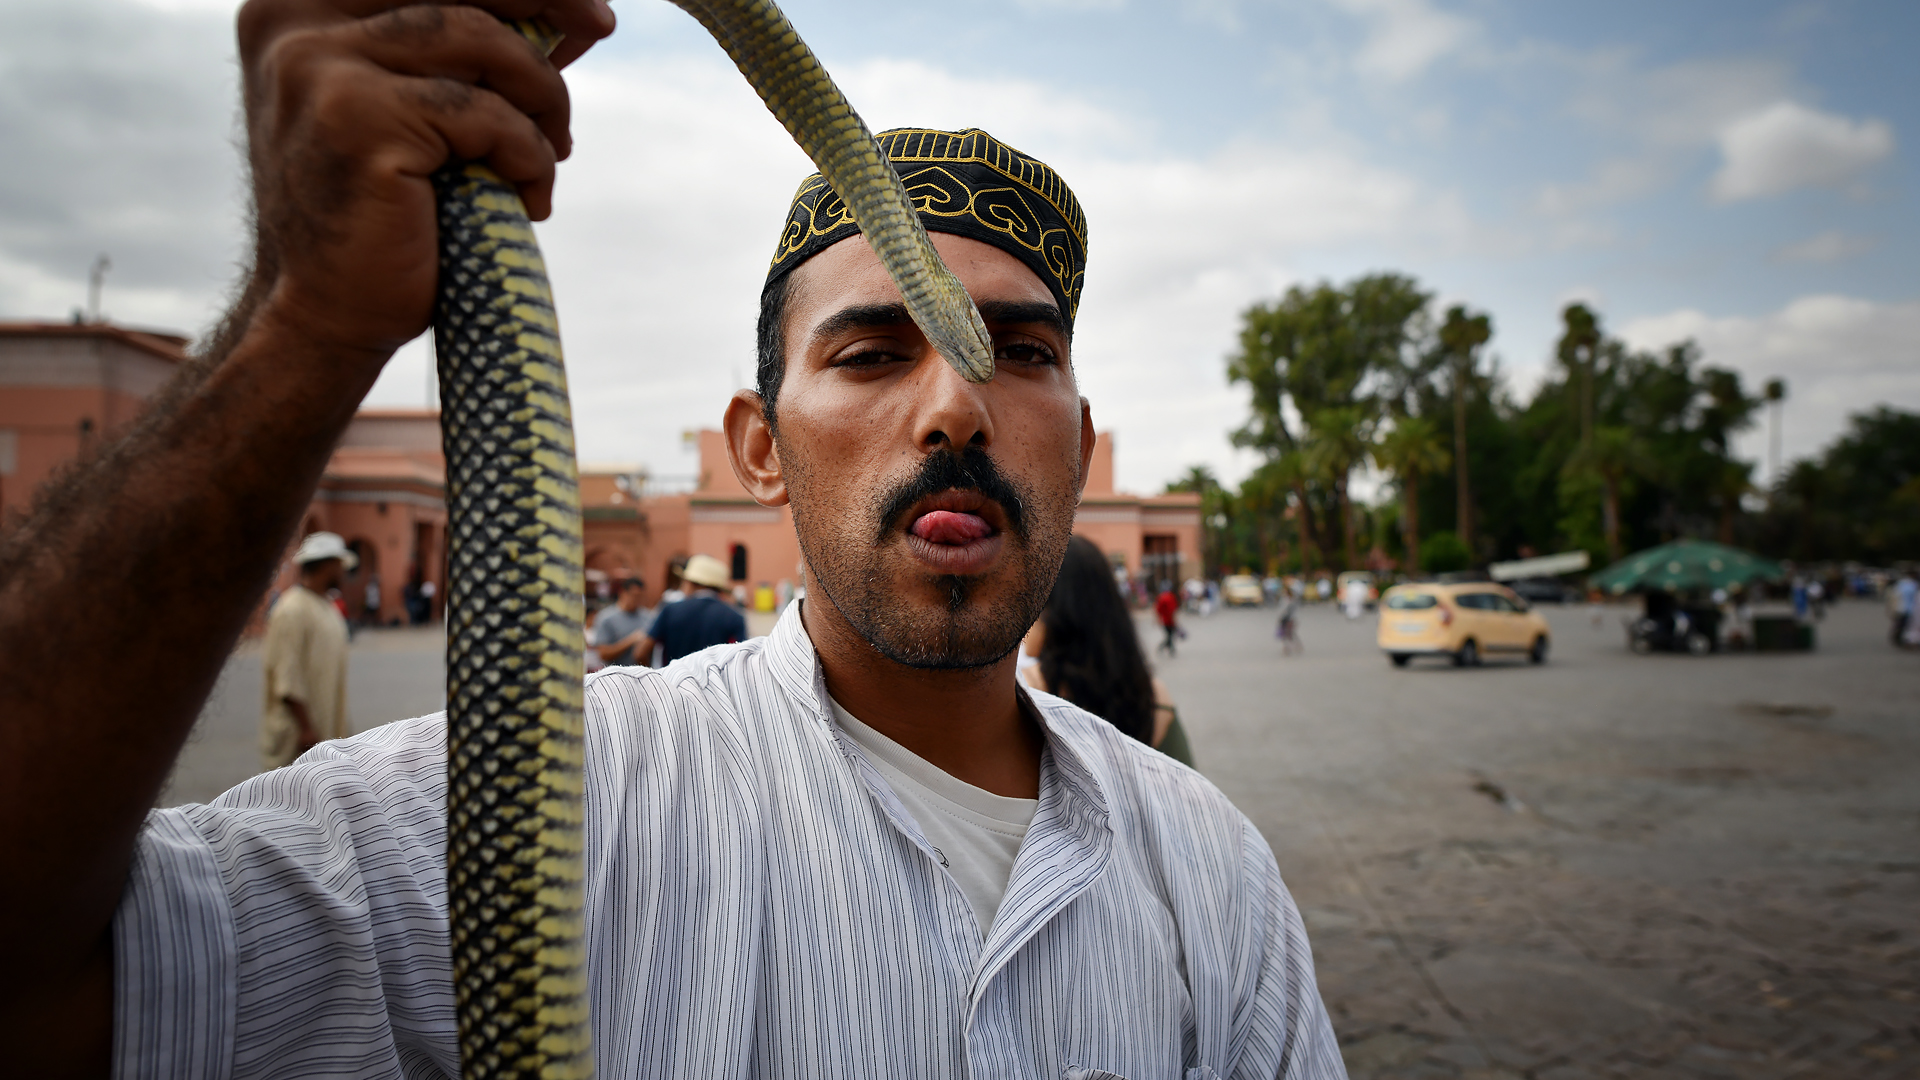 Snake charmer of Marrakech